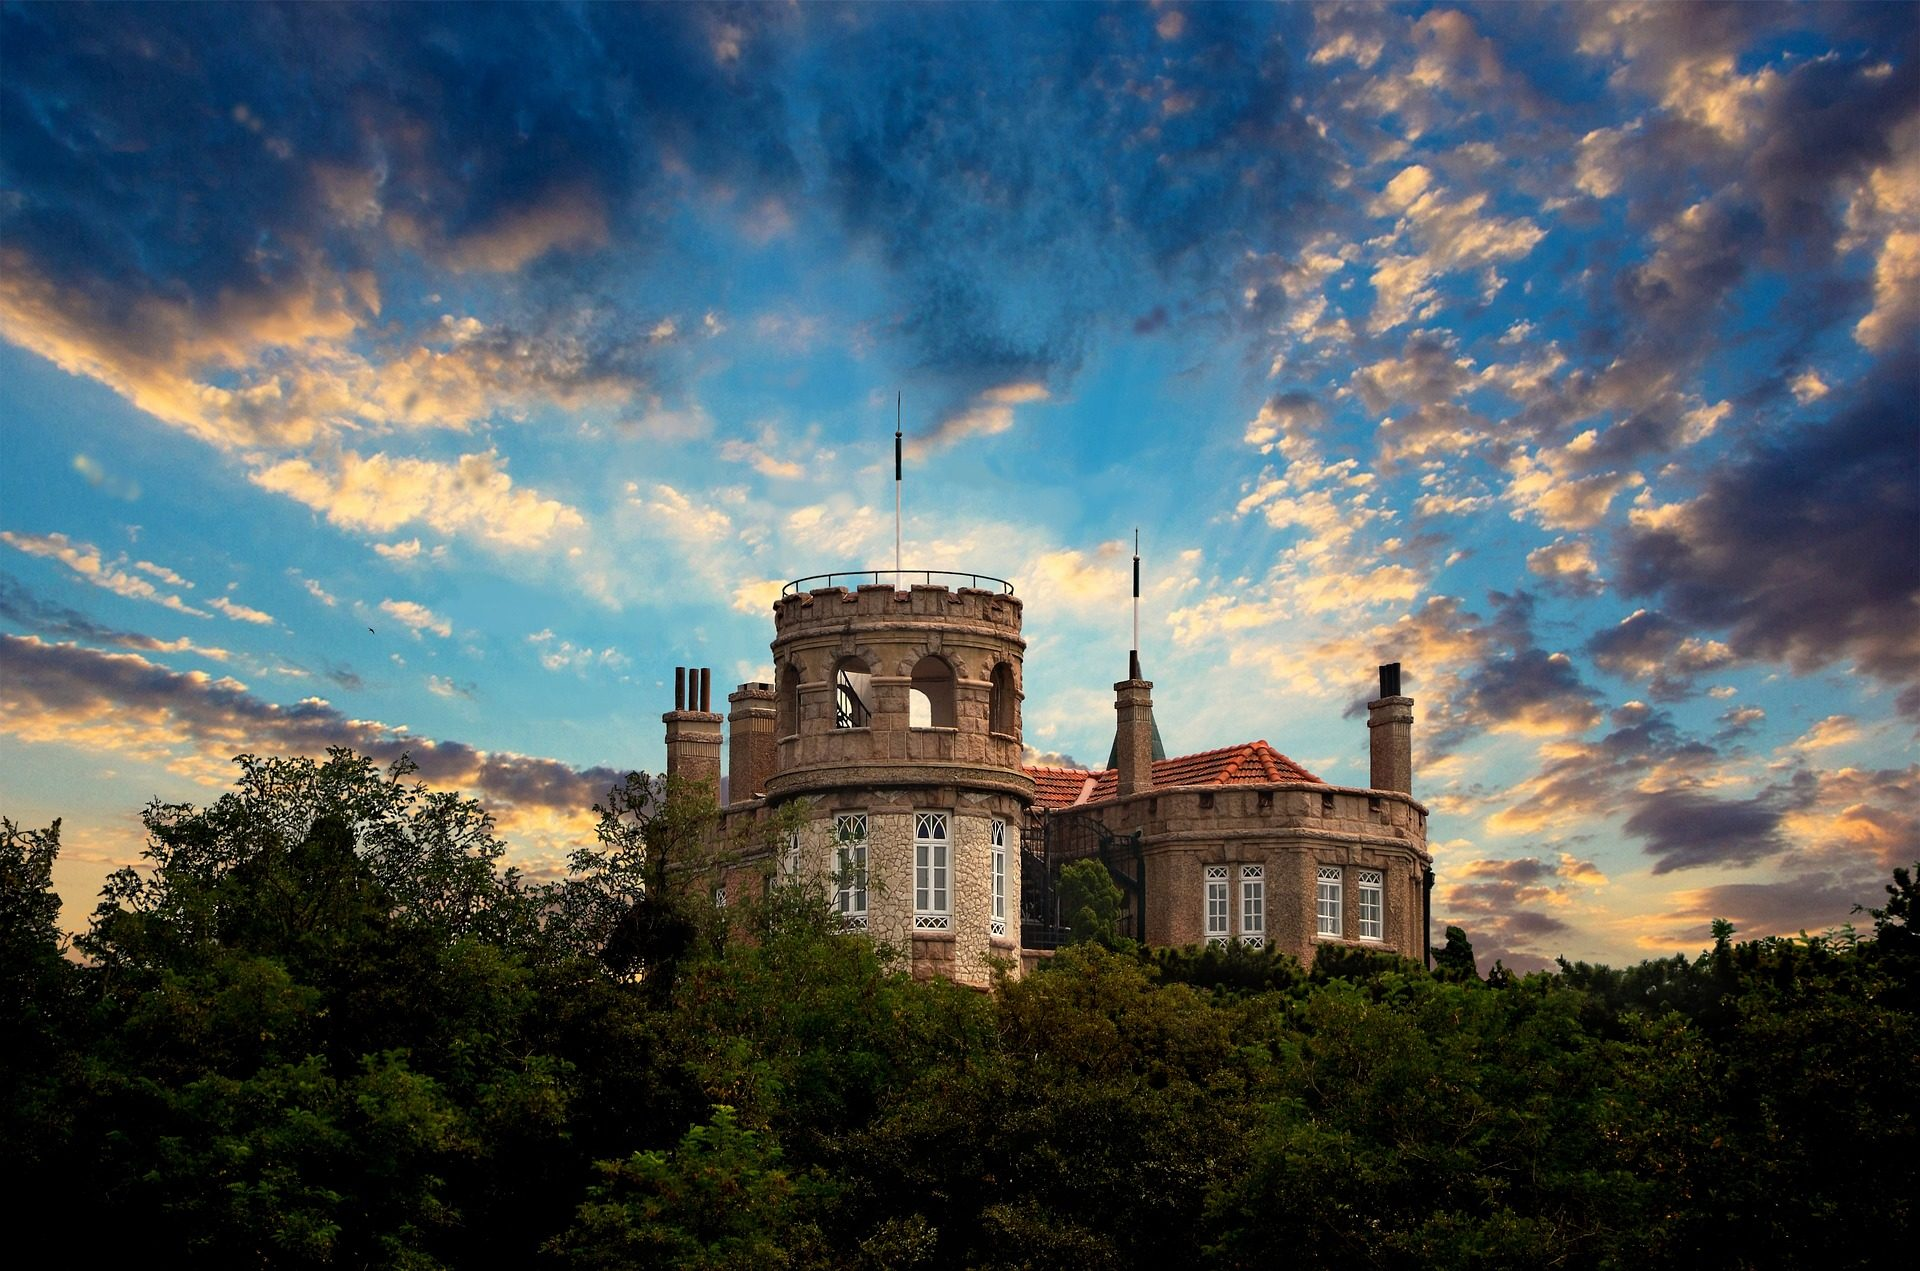 Замок, потеряли, растений, деревья, поле, Небо, Салон красоты - Обои HD - Профессор falken.com